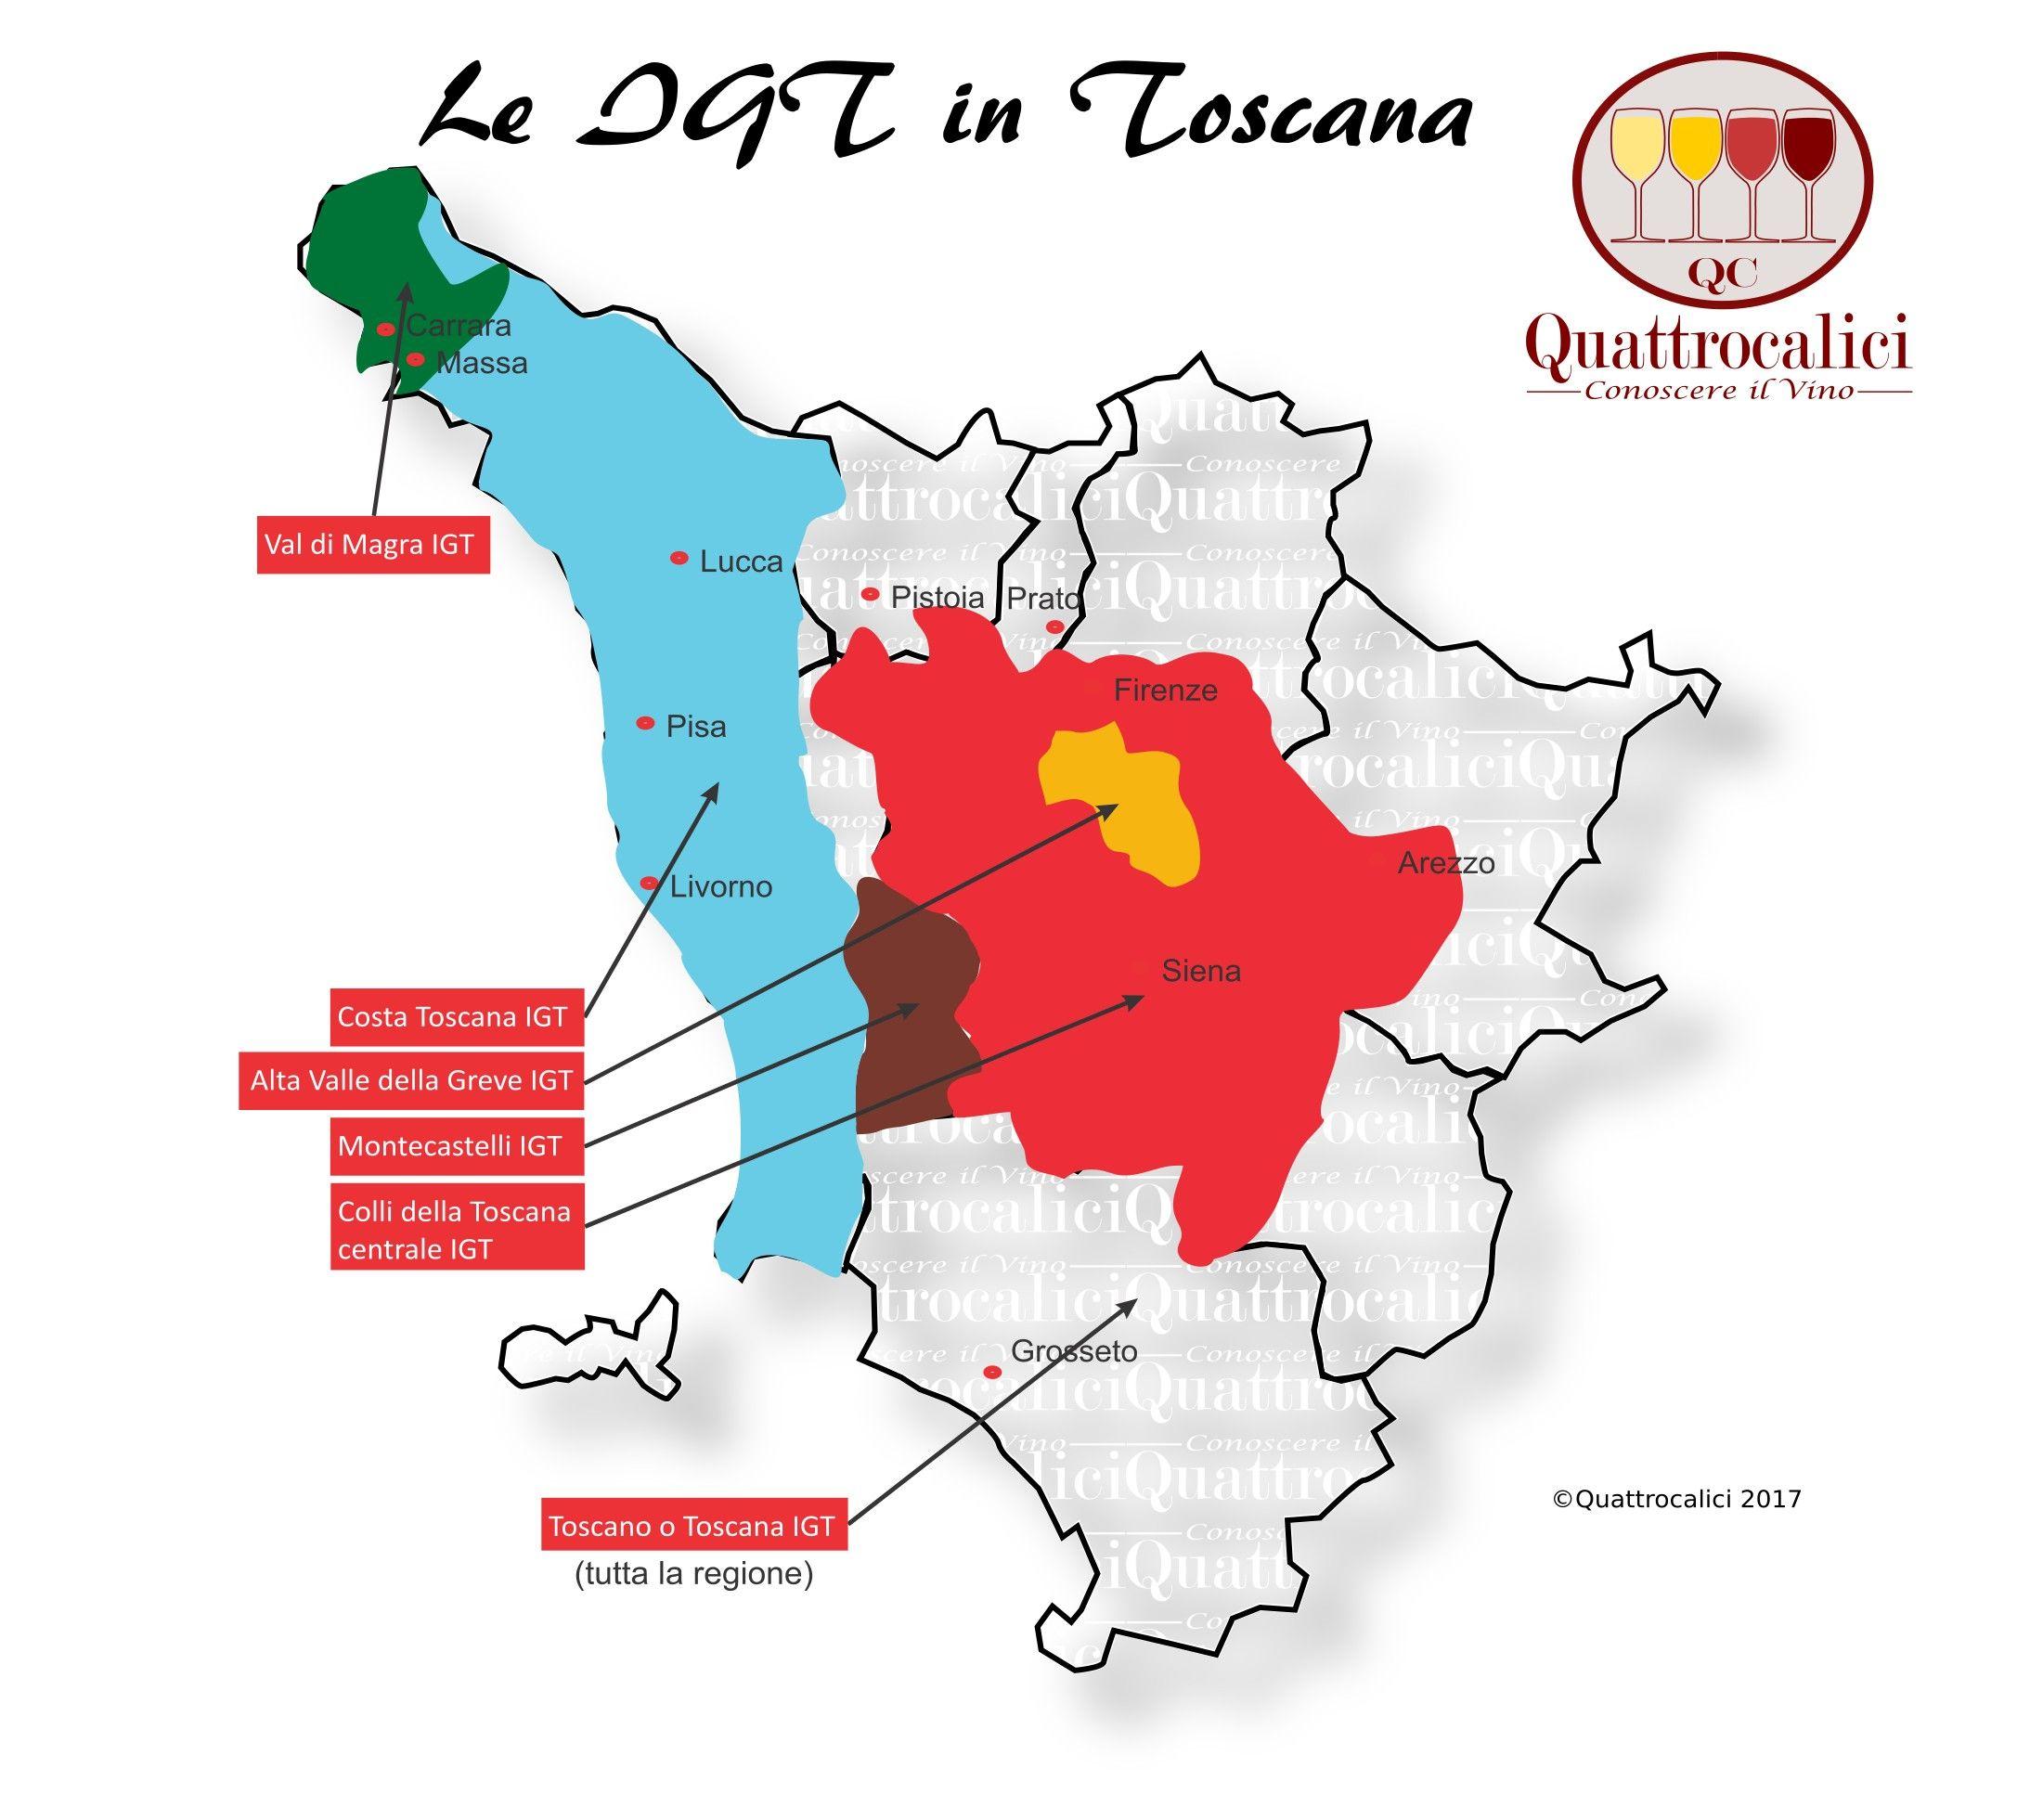 Toscana Quattrocalici La Guida Al Vino E All Enoturismo Bere Vino Tempo Di Vino Vino